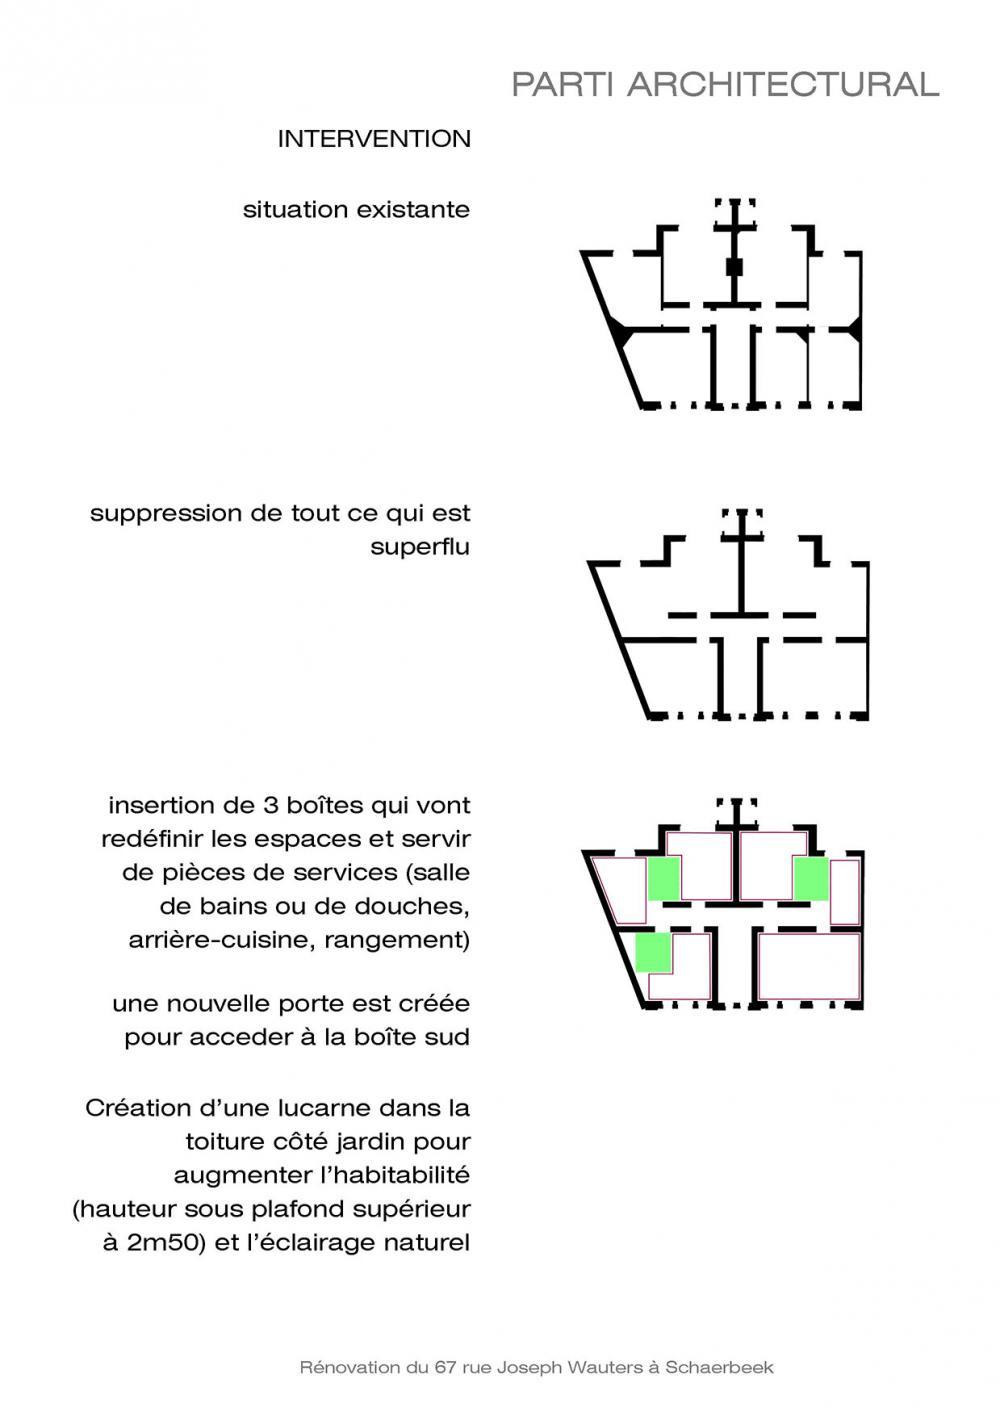 schéma conceptuel de la réorganisation des logements Wauters